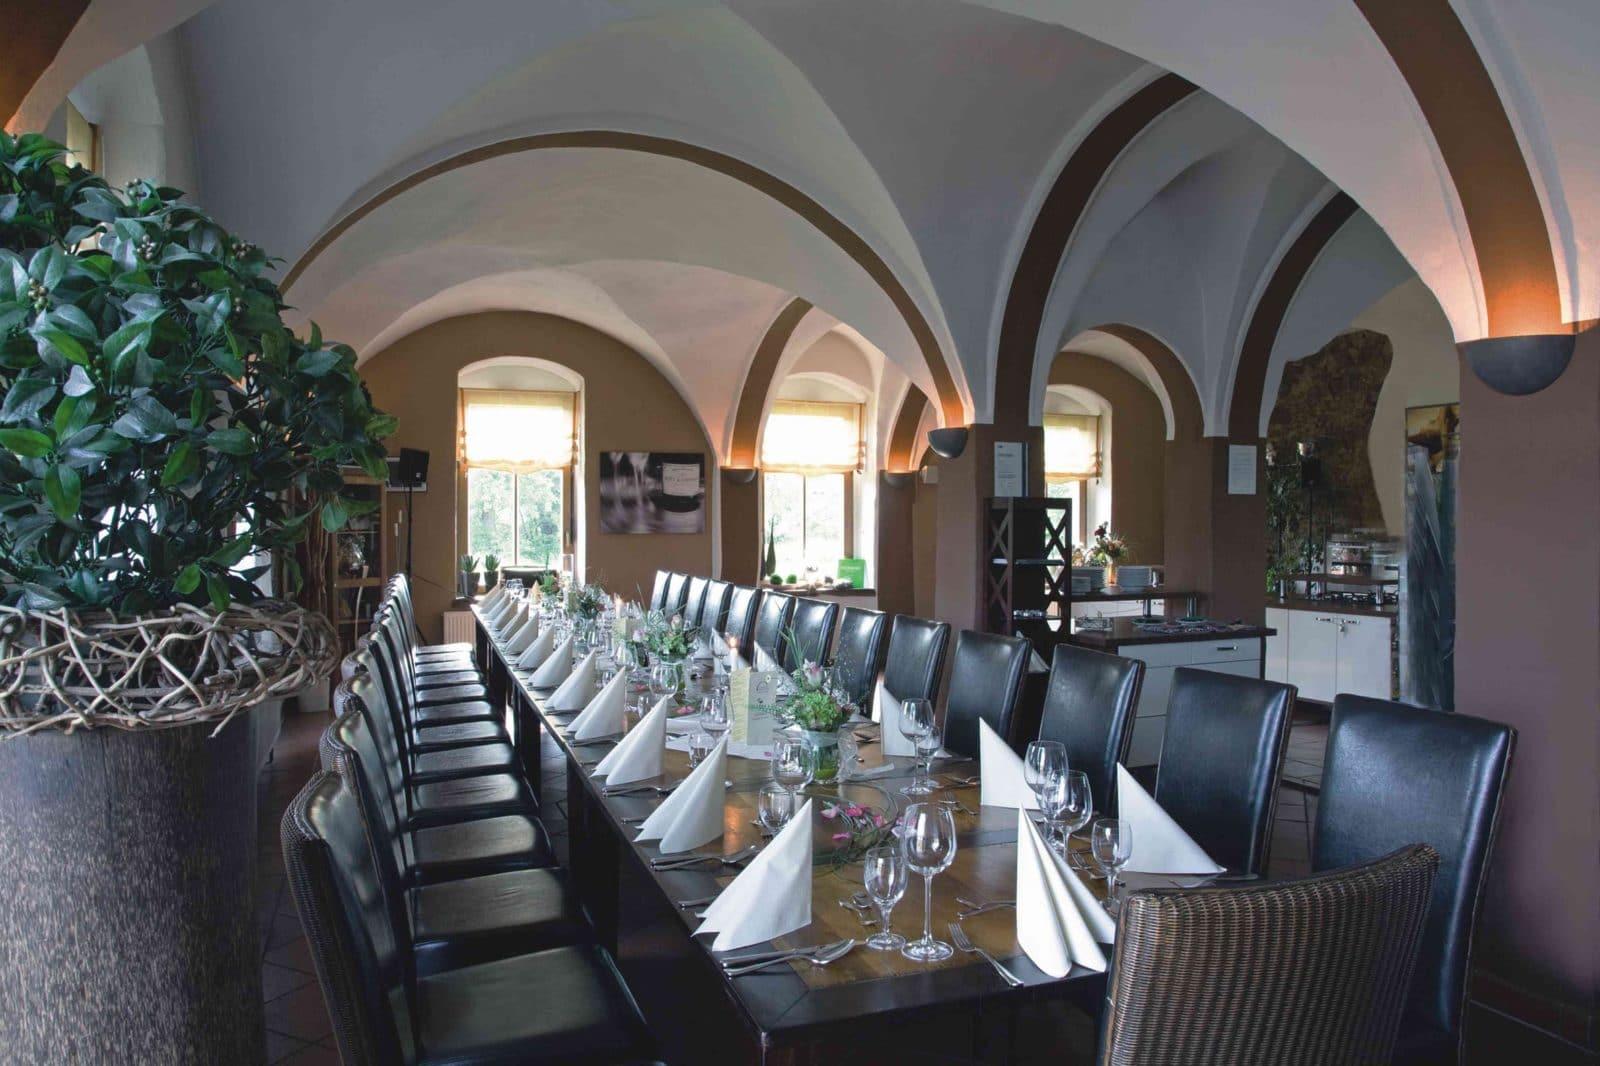 Hochzeit im Kloster Nimbschen in Grimma - Hochzeiten & Feiern